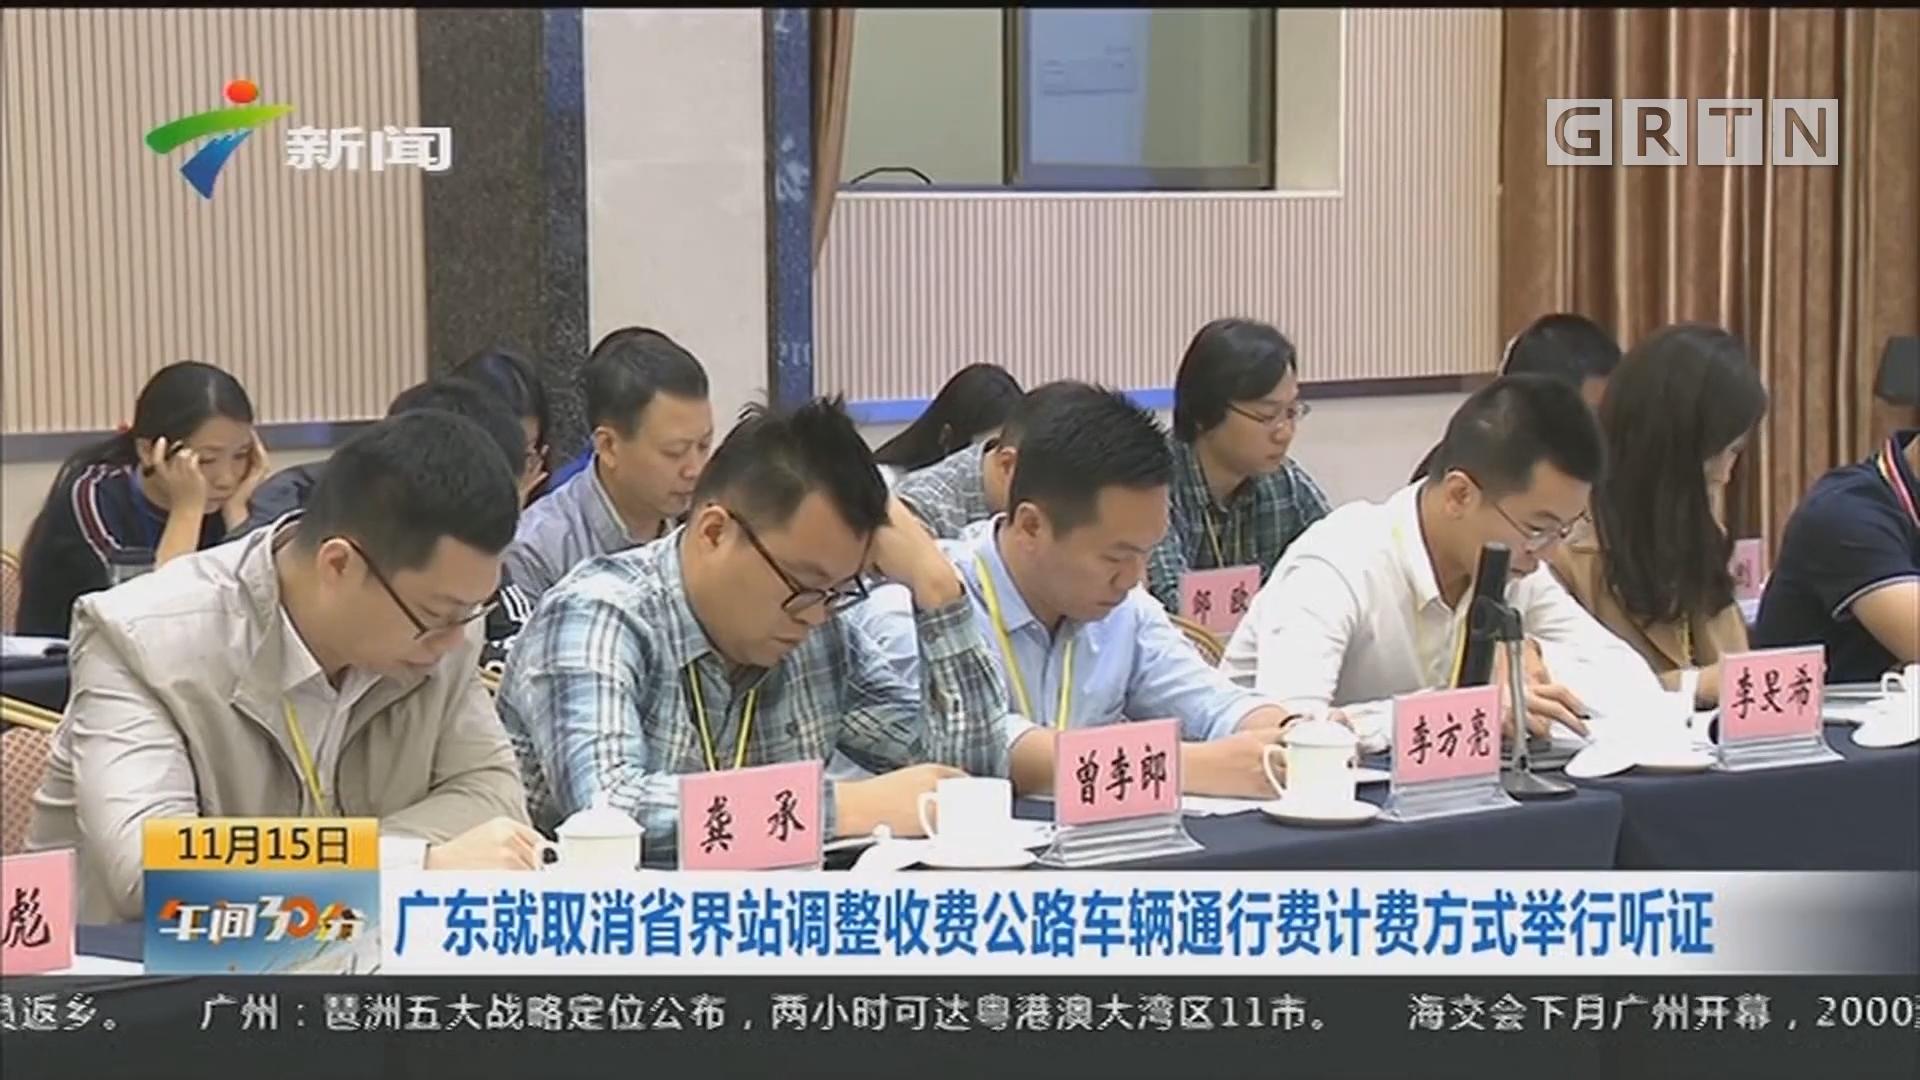 廣東就取消省界站調整收費公路車輛通行計費方式舉行聽證